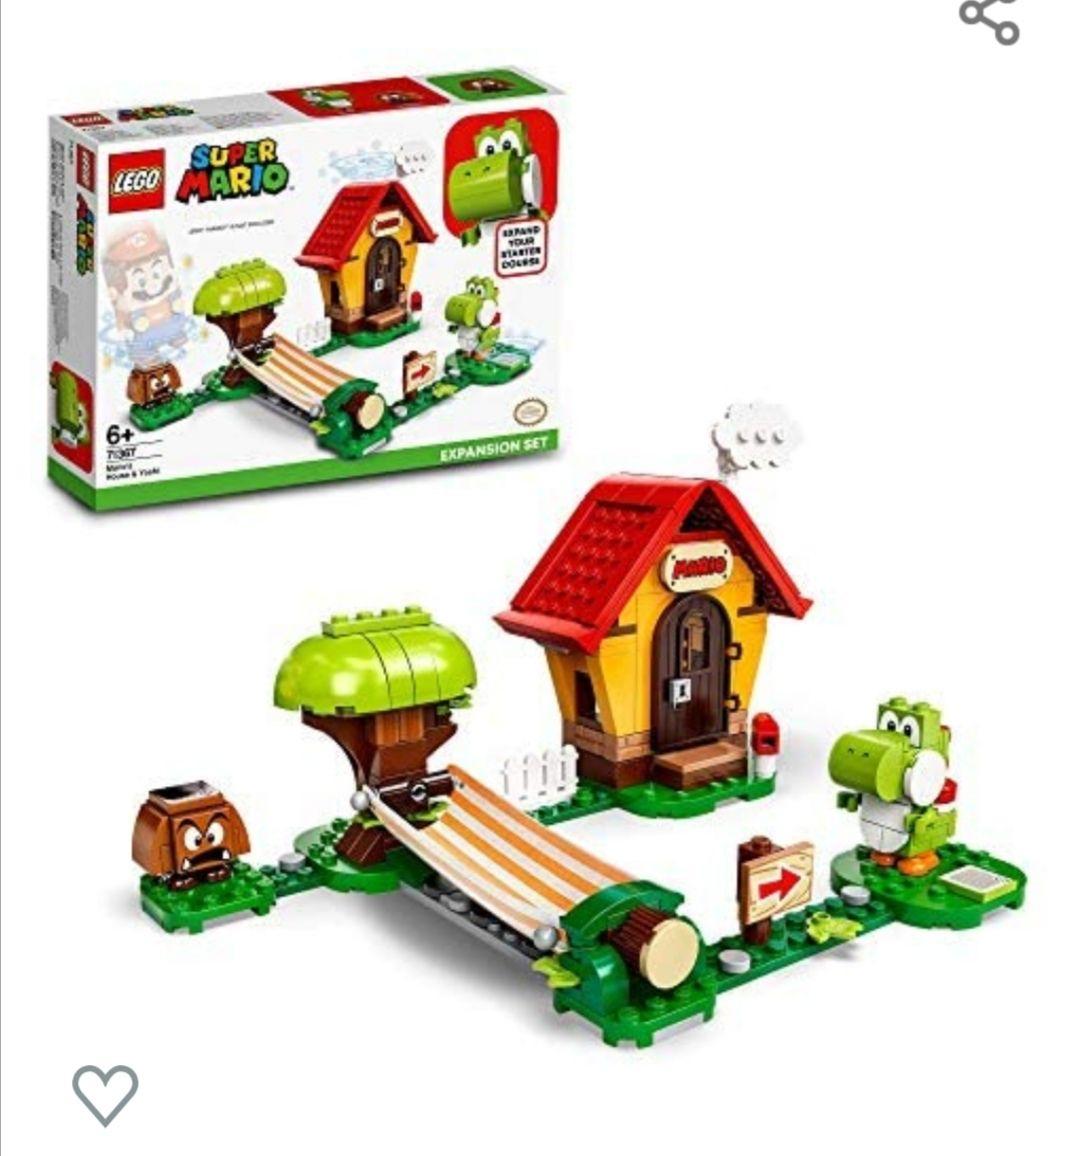 LEGO Set de Expansión: Casa de Mario y Yoshi